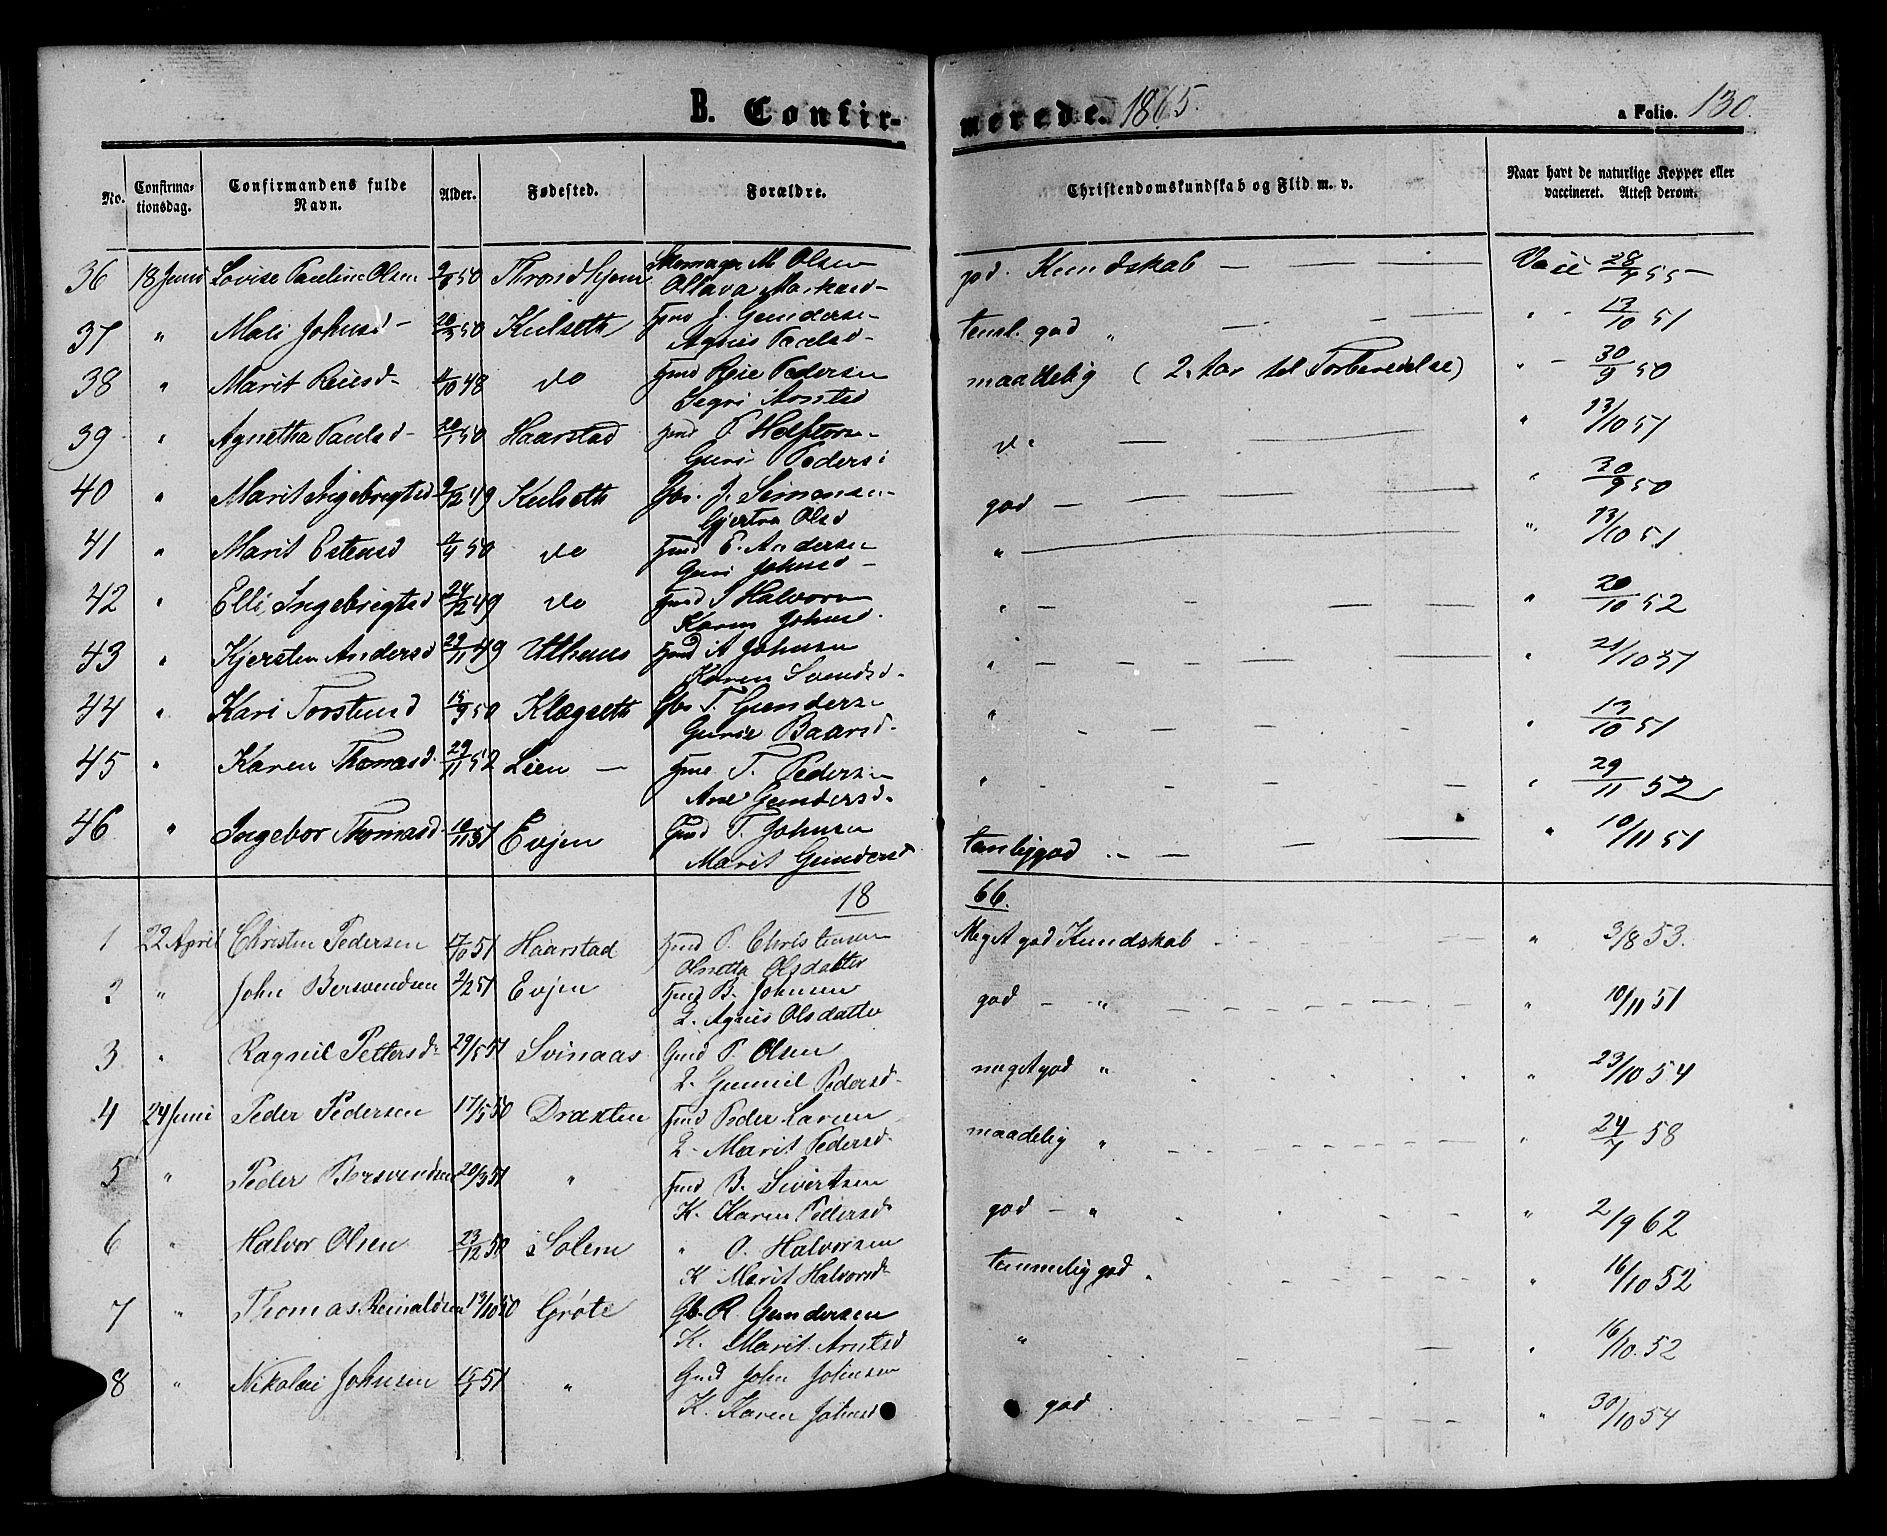 SAT, Ministerialprotokoller, klokkerbøker og fødselsregistre - Sør-Trøndelag, 695/L1155: Klokkerbok nr. 695C06, 1859-1868, s. 130